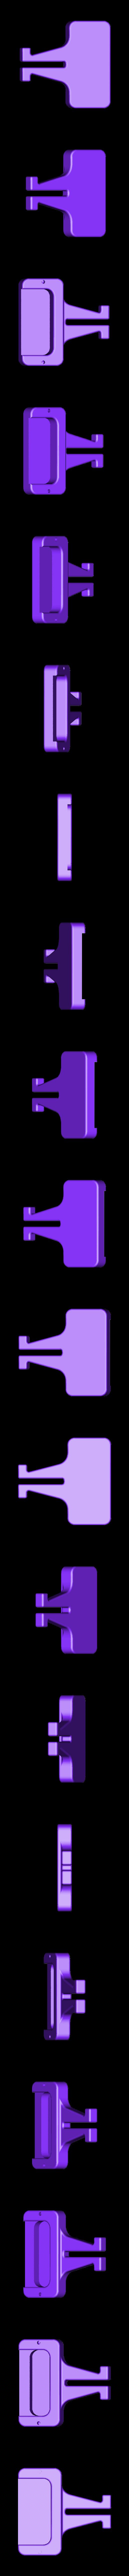 Tongue_v2.stl Télécharger fichier STL gratuit Boucle Cobra (35mm) • Design pour impression 3D, SiberK